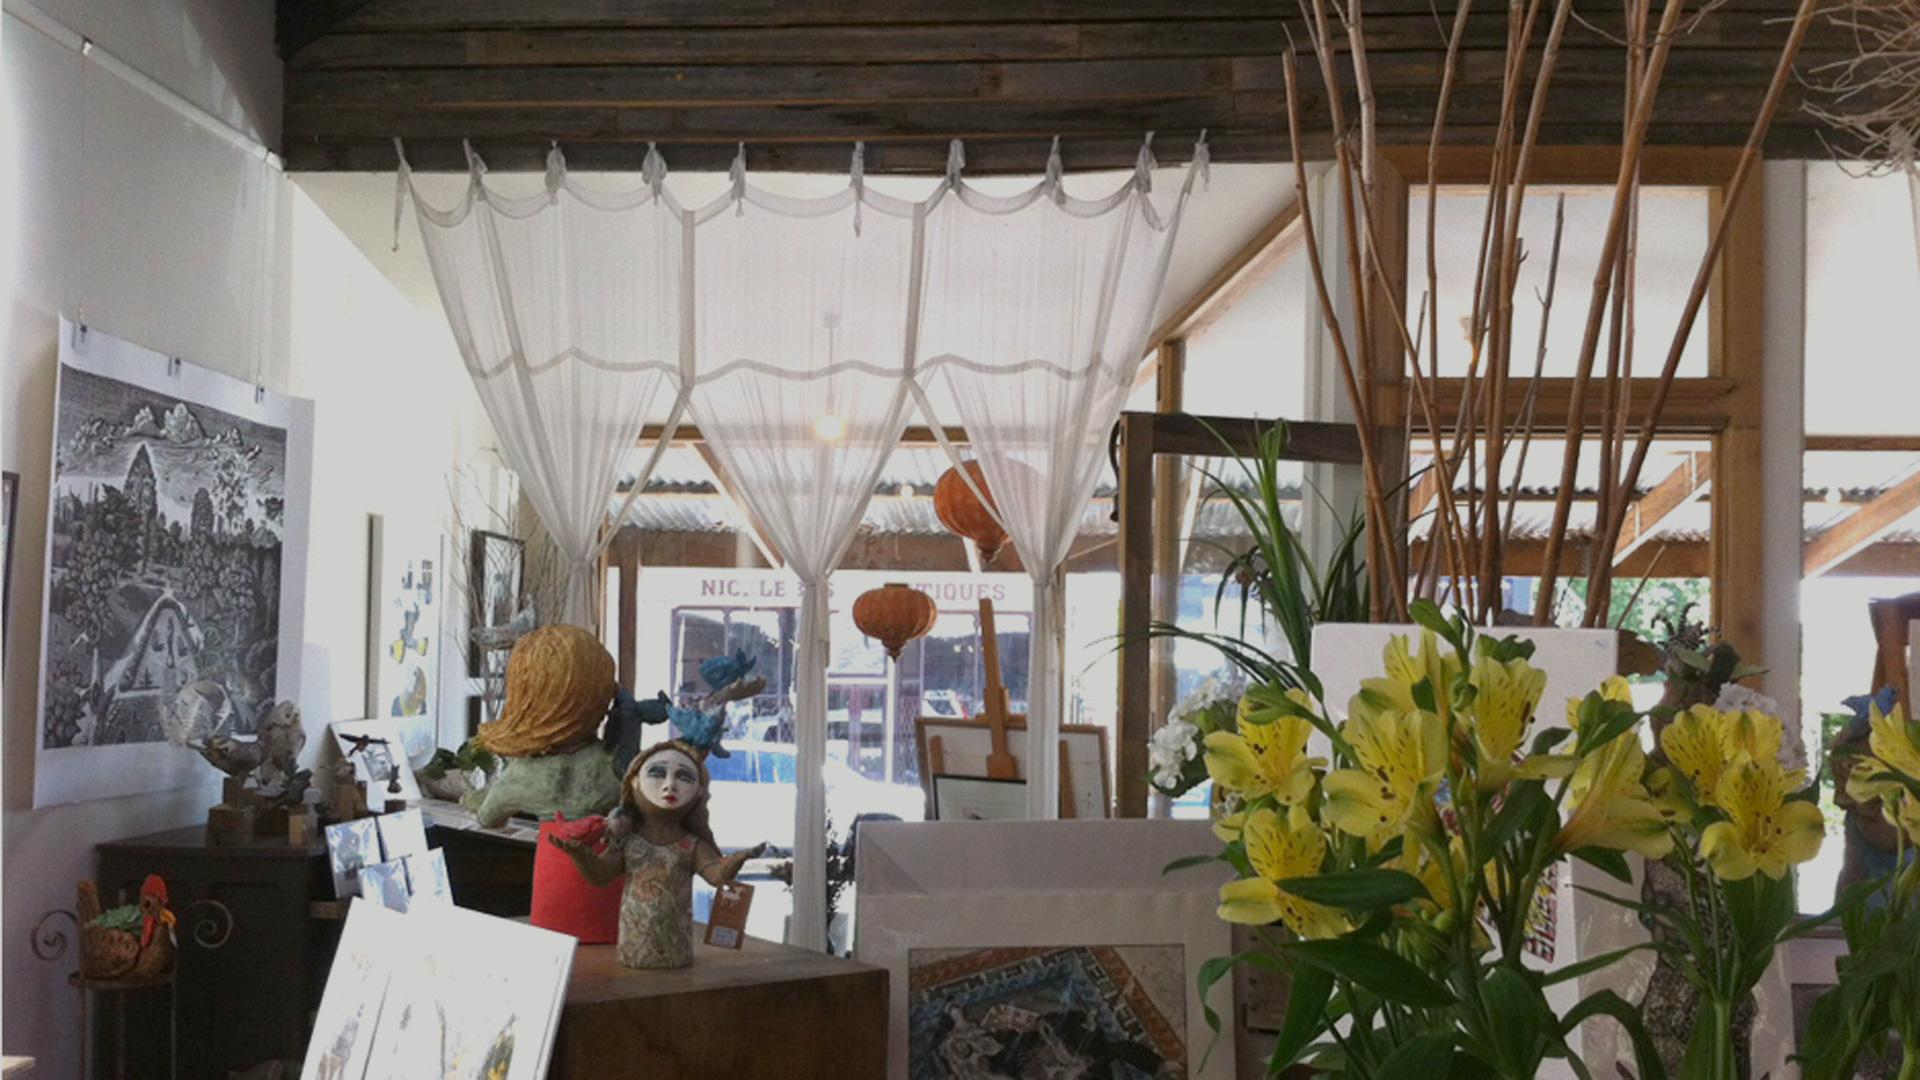 lauriston-press-gallery-interior-4